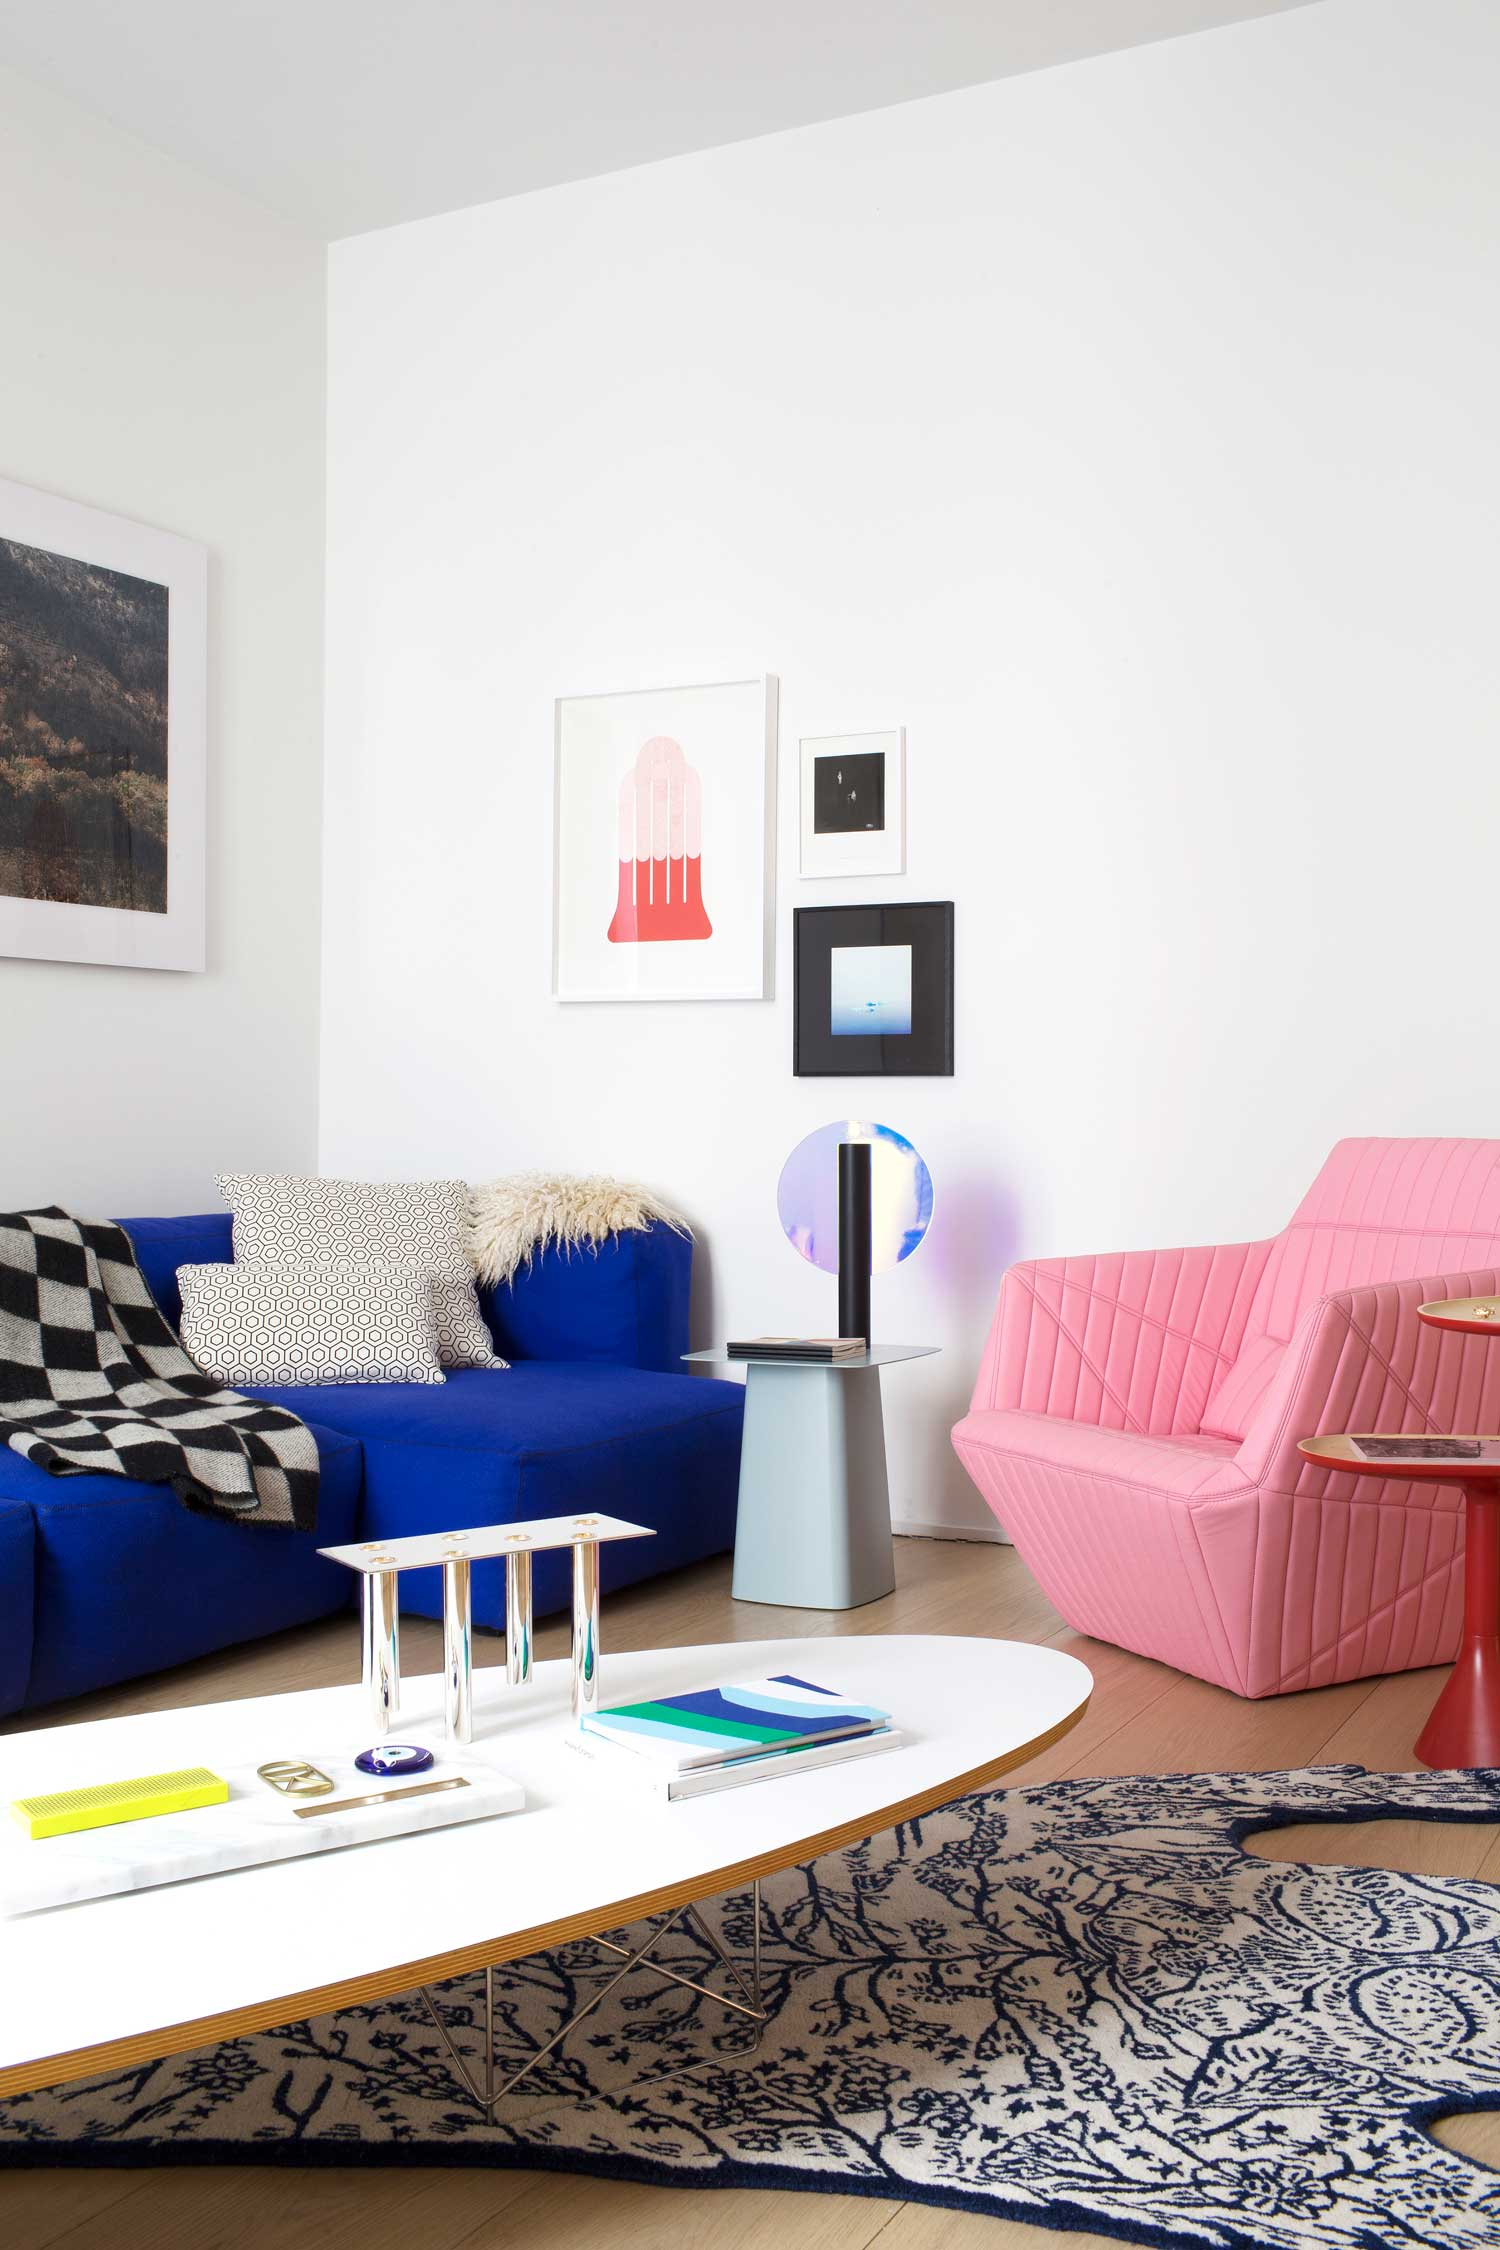 Rodolphe Parente architecte d'intérieur - Appartement 108 || Sous influence du mouvement Memphis